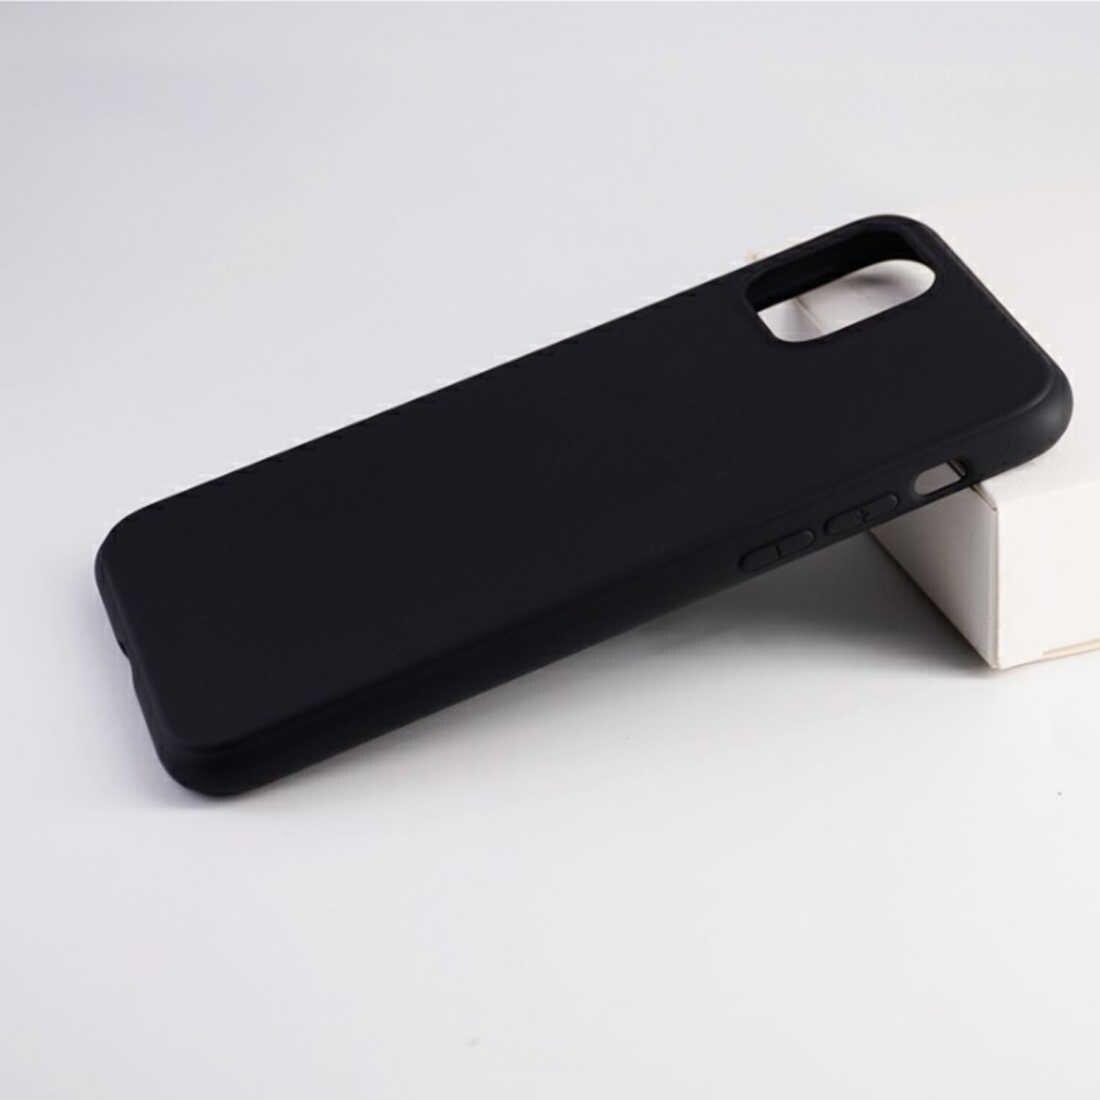 DK Su Misura Personalizzati Rendere la vostra Foto immagini Del Telefono Nero Sotf Caso Della Copertura di TPU per il iphone 11Pro MAX 6 6s 7 8 più di 5 X XS XR XSMax